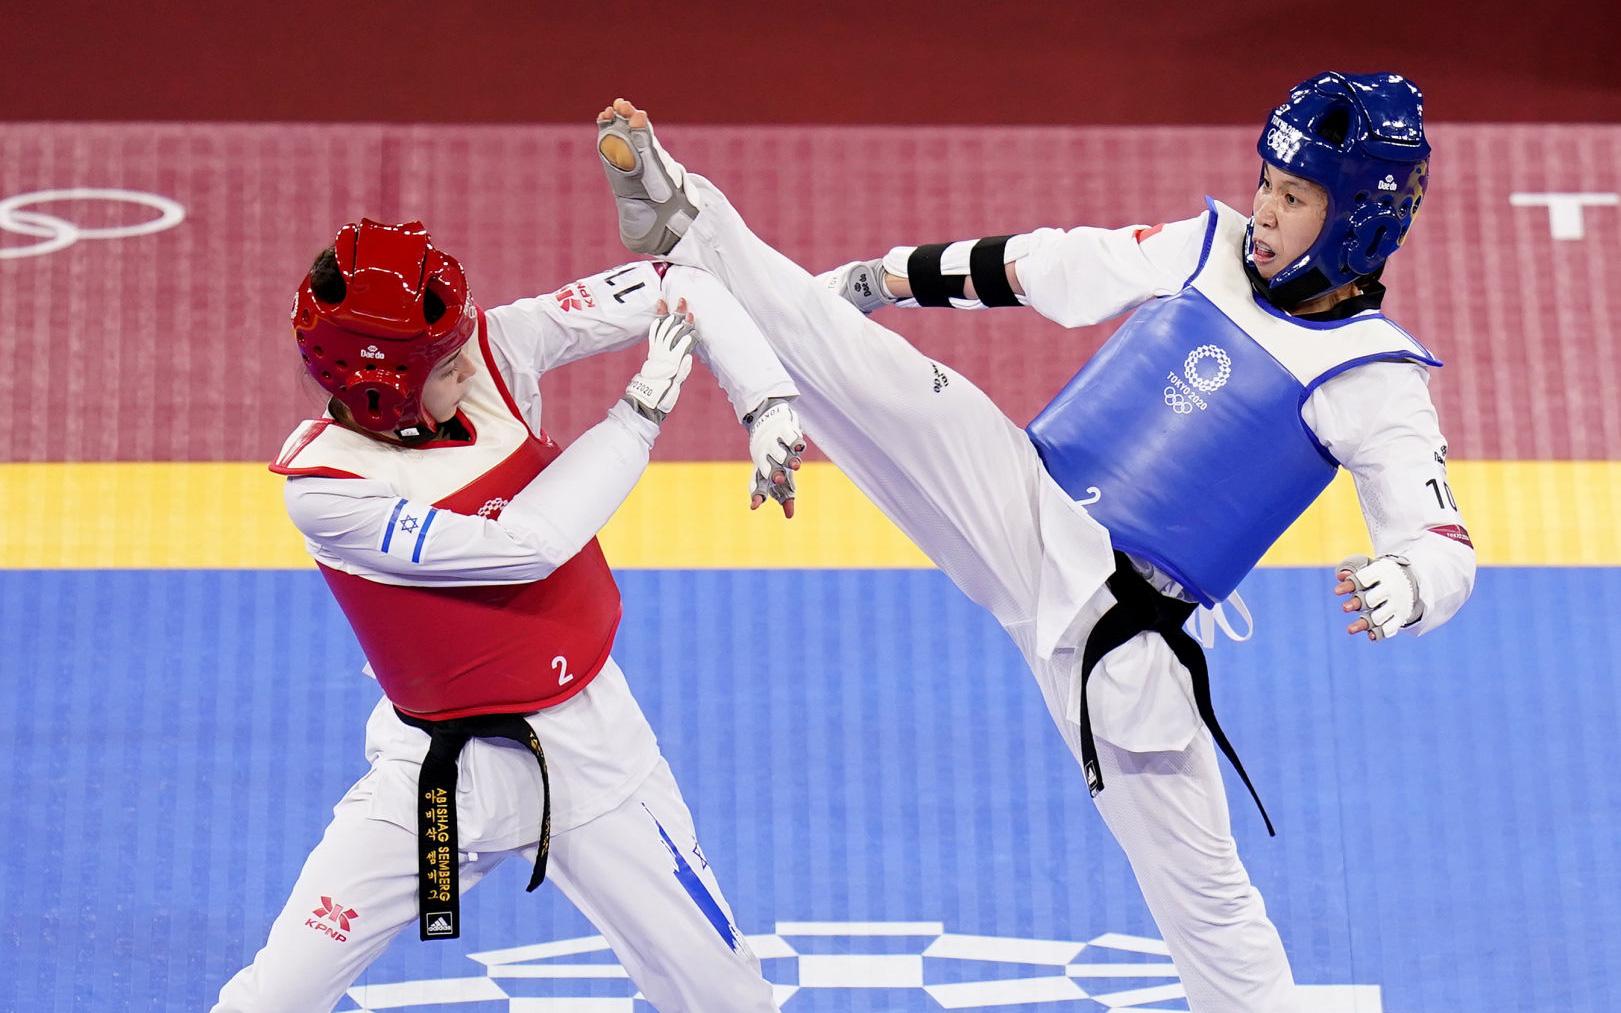 Nỗ lực đổ máu, Kim Tuyền (Taekwondo) phải dừng bước tiếc nuối ở Olympic Tokyo 2020